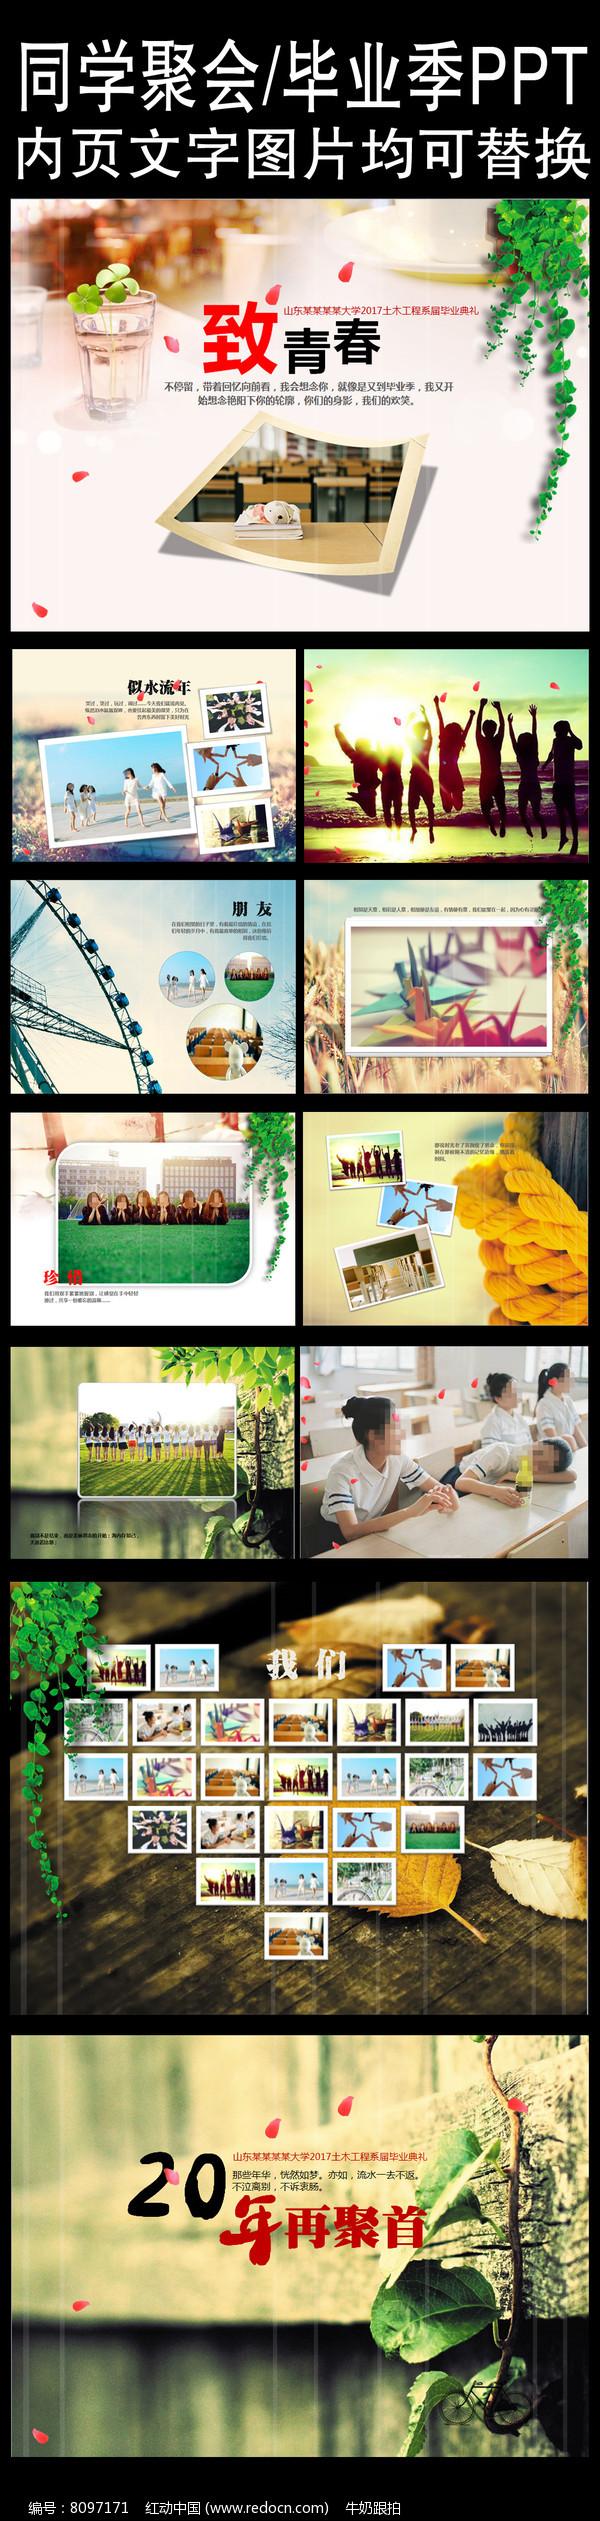 原创设计稿 ppt模板/ppt背景图片 科研教育ppt 同学周年聚会致青春图片